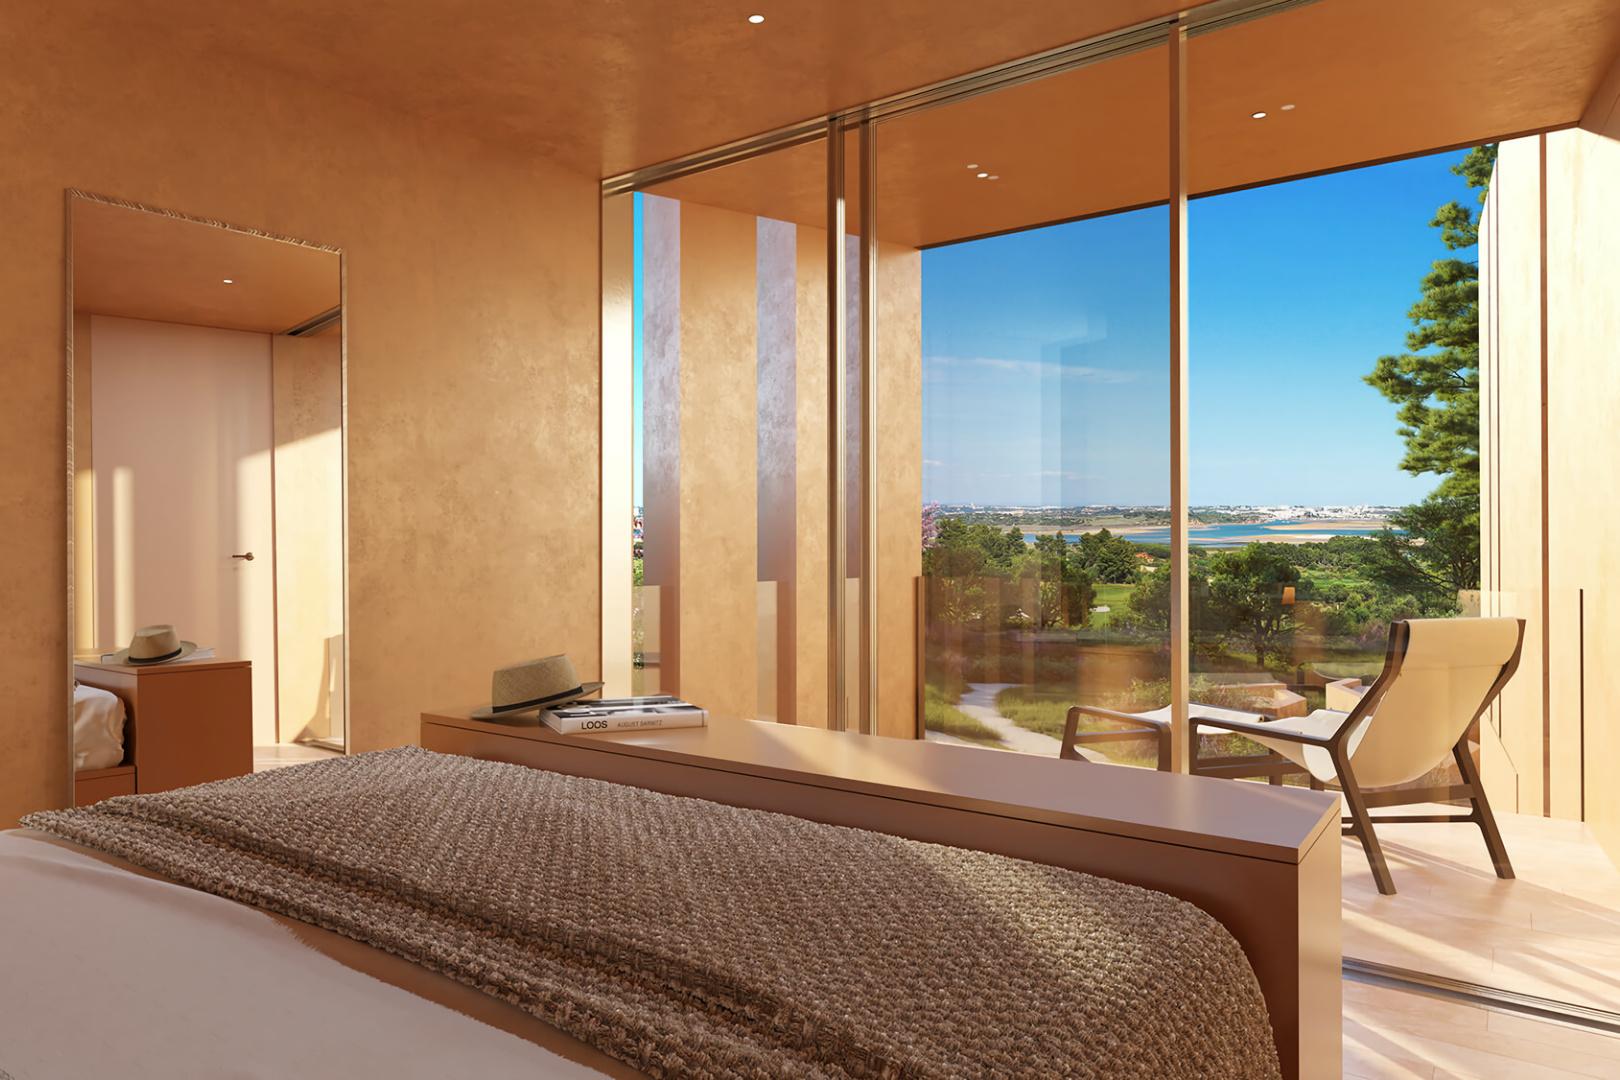 signature_apartment_room_view